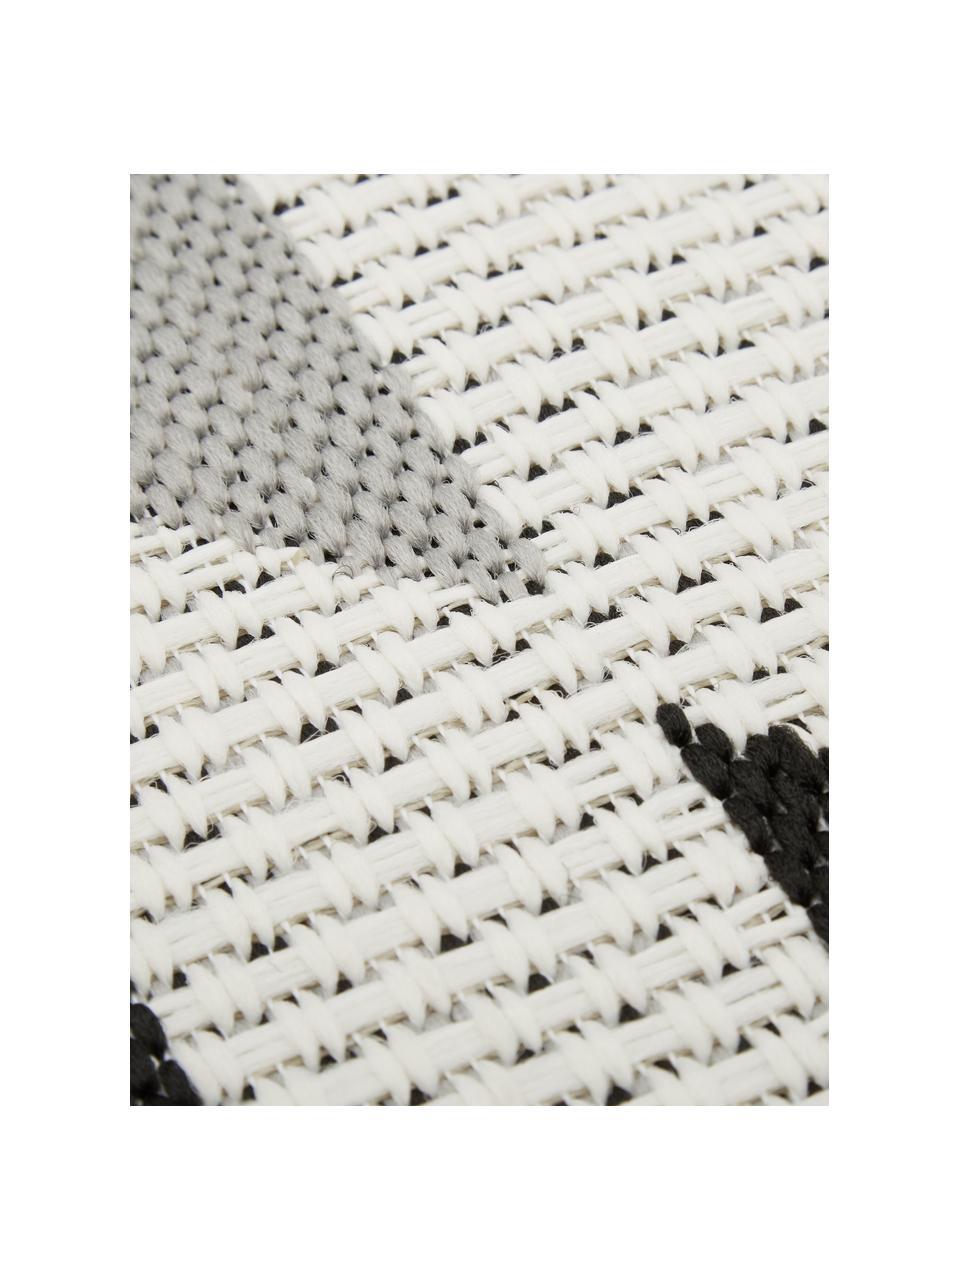 Dywan wewnętrzny/zewnętrzny w stylu etno Ikat, 86% polipropylen, 14% poliester, Kremowobiały, czarny, szary, S 200 x D 290 cm (Rozmiar L)